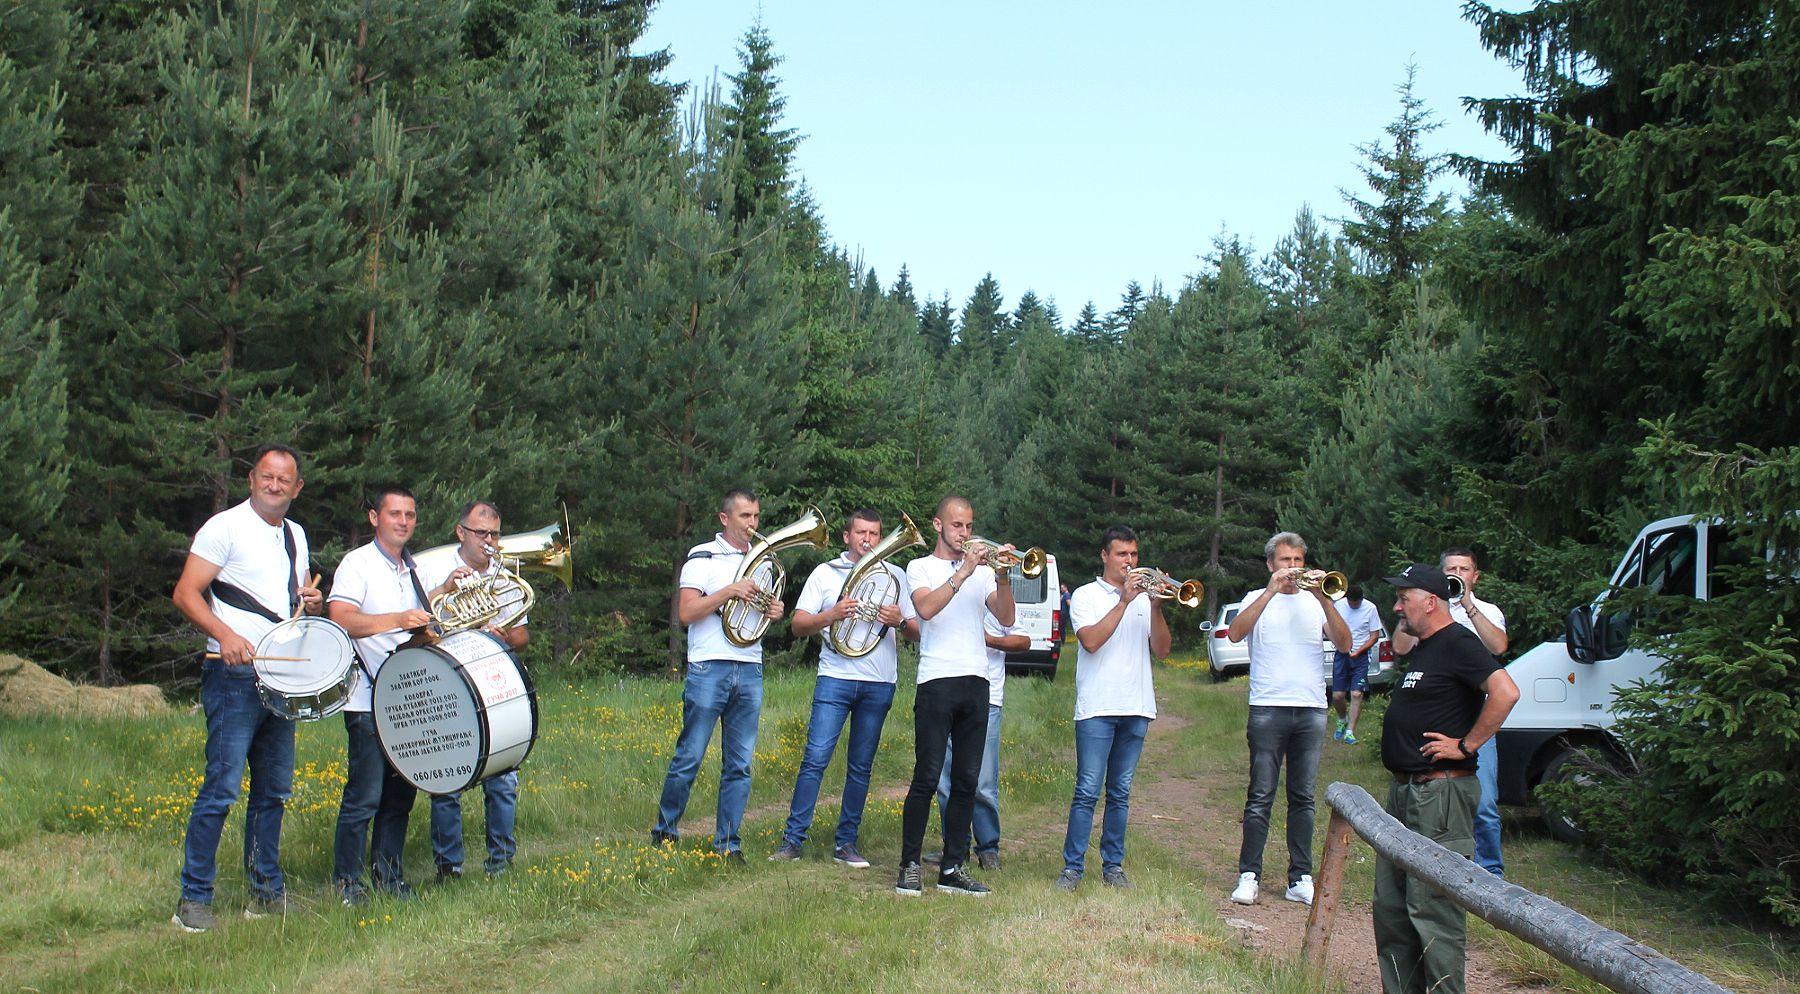 Јечи гога - свирај трубо, свирала за дуго